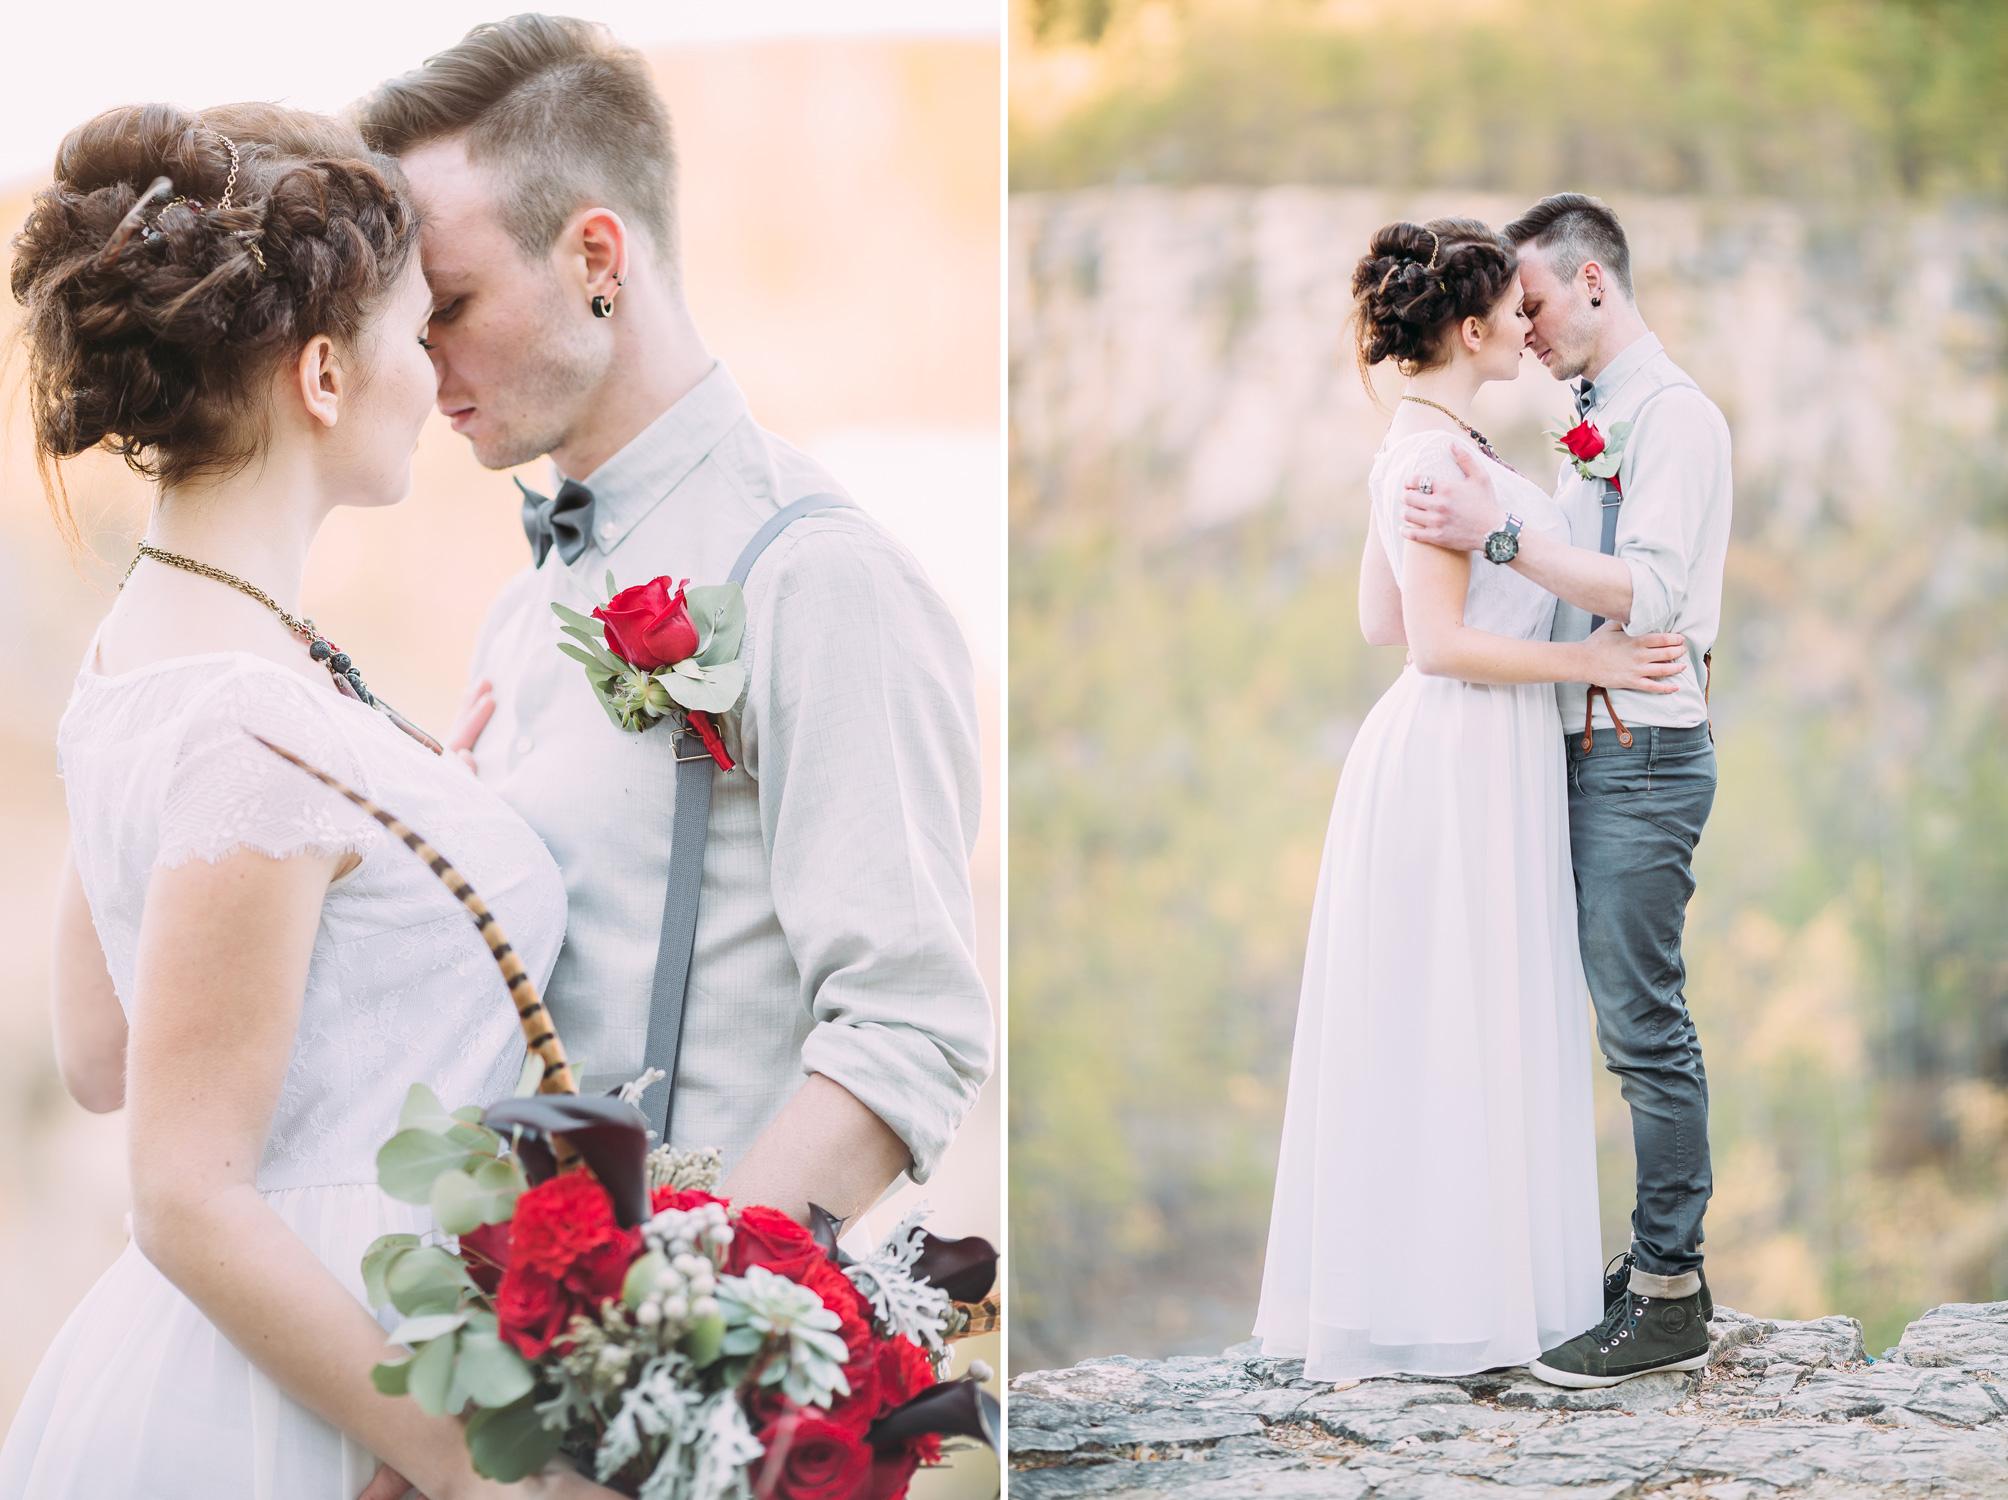 некоторых знакомых недорогие свадебные фотографы иваново например, некоторых квартирах